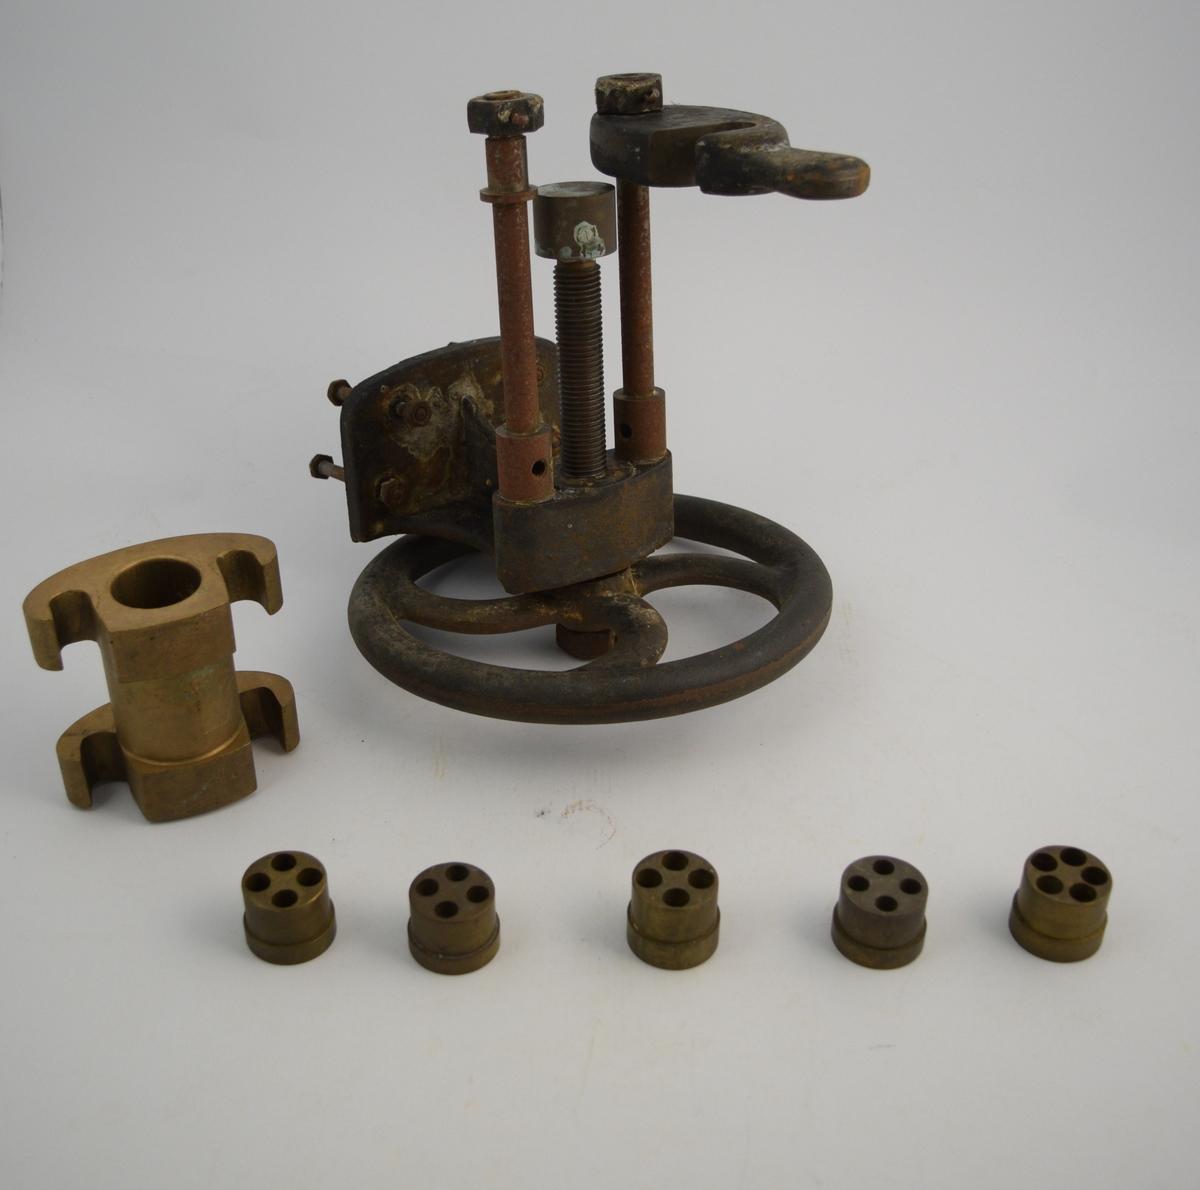 Stikkpillemaskin med 7 deler.  a) Selve maskinen med presse (jern). Stort hjul m/3 sylindre, 1 m/gjenger. Skrumekanisme.  b) Holder for stikkpillemasse og from (messing). Sylindrisk hull.  c-g) Former for stikkpillene, forskjellig størrelse (messing).  Brukt til produksjon av stikkpiller på apotek.